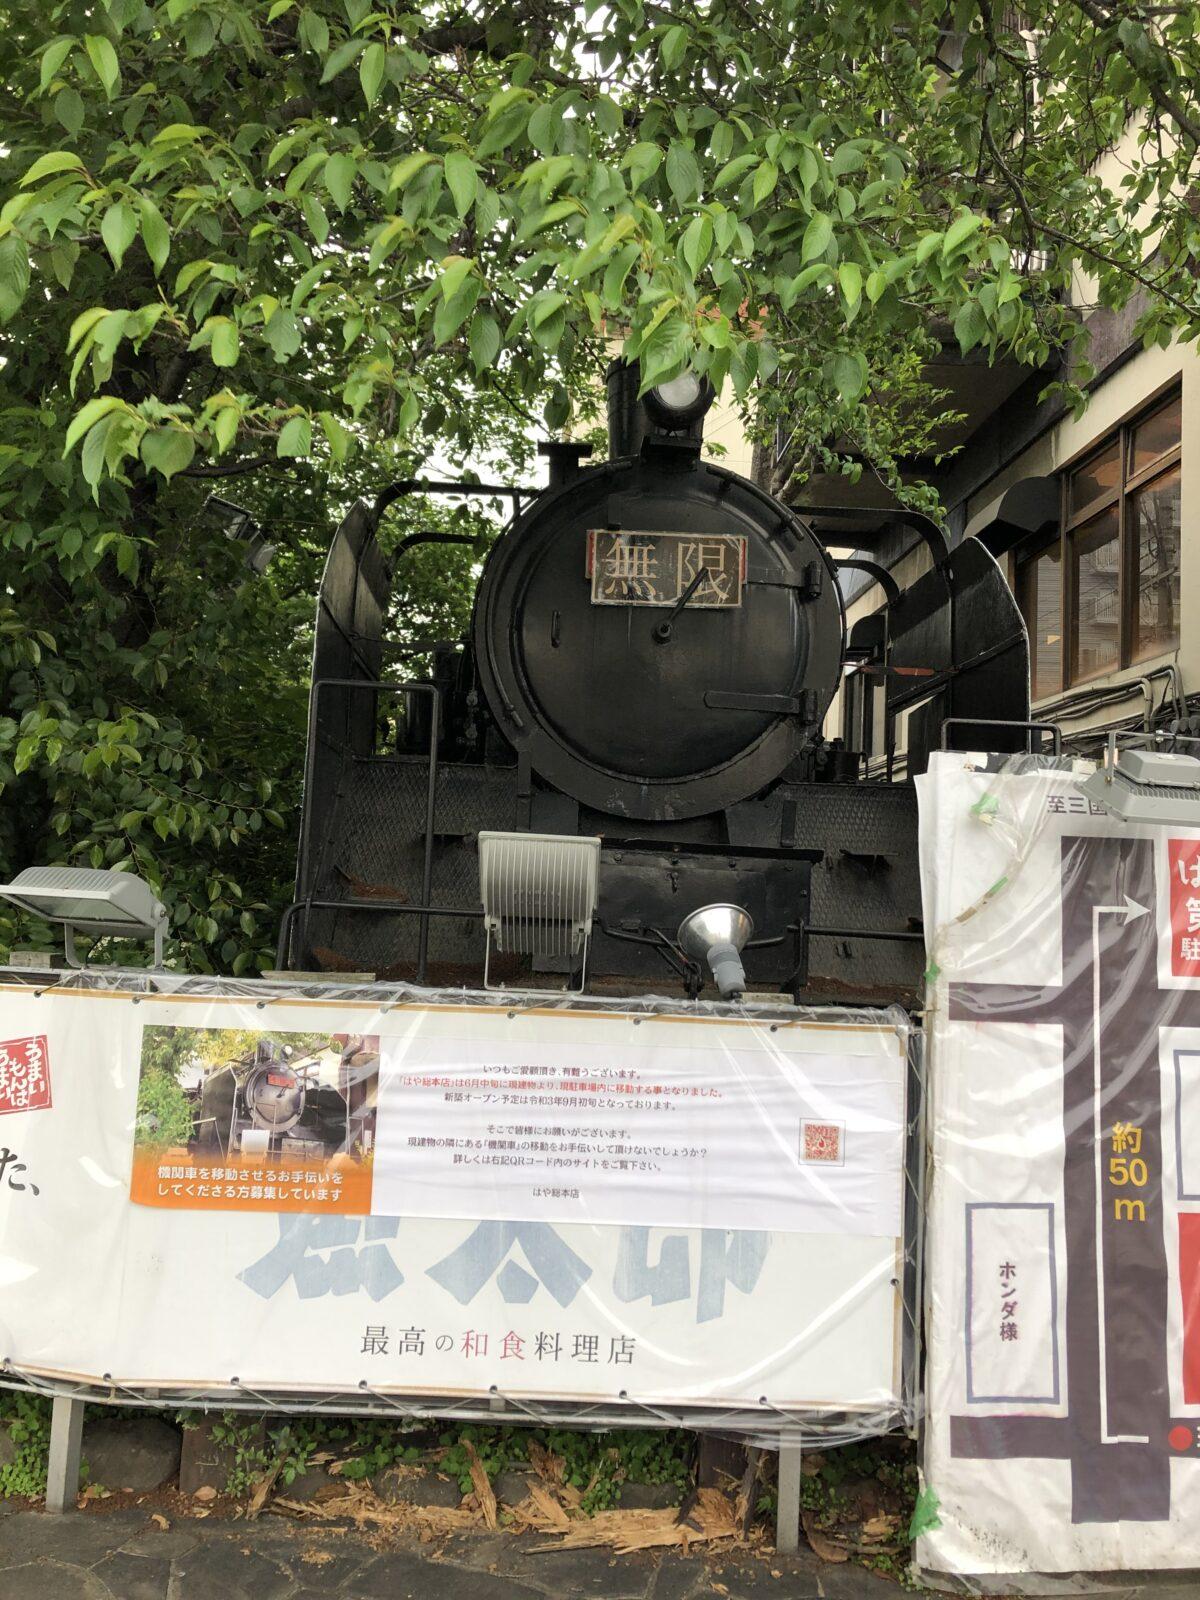 【無限列車も大移動!?】堺区・三国ヶ丘『はや 総本店』が建て替えをして機関車も移動するみたい!: